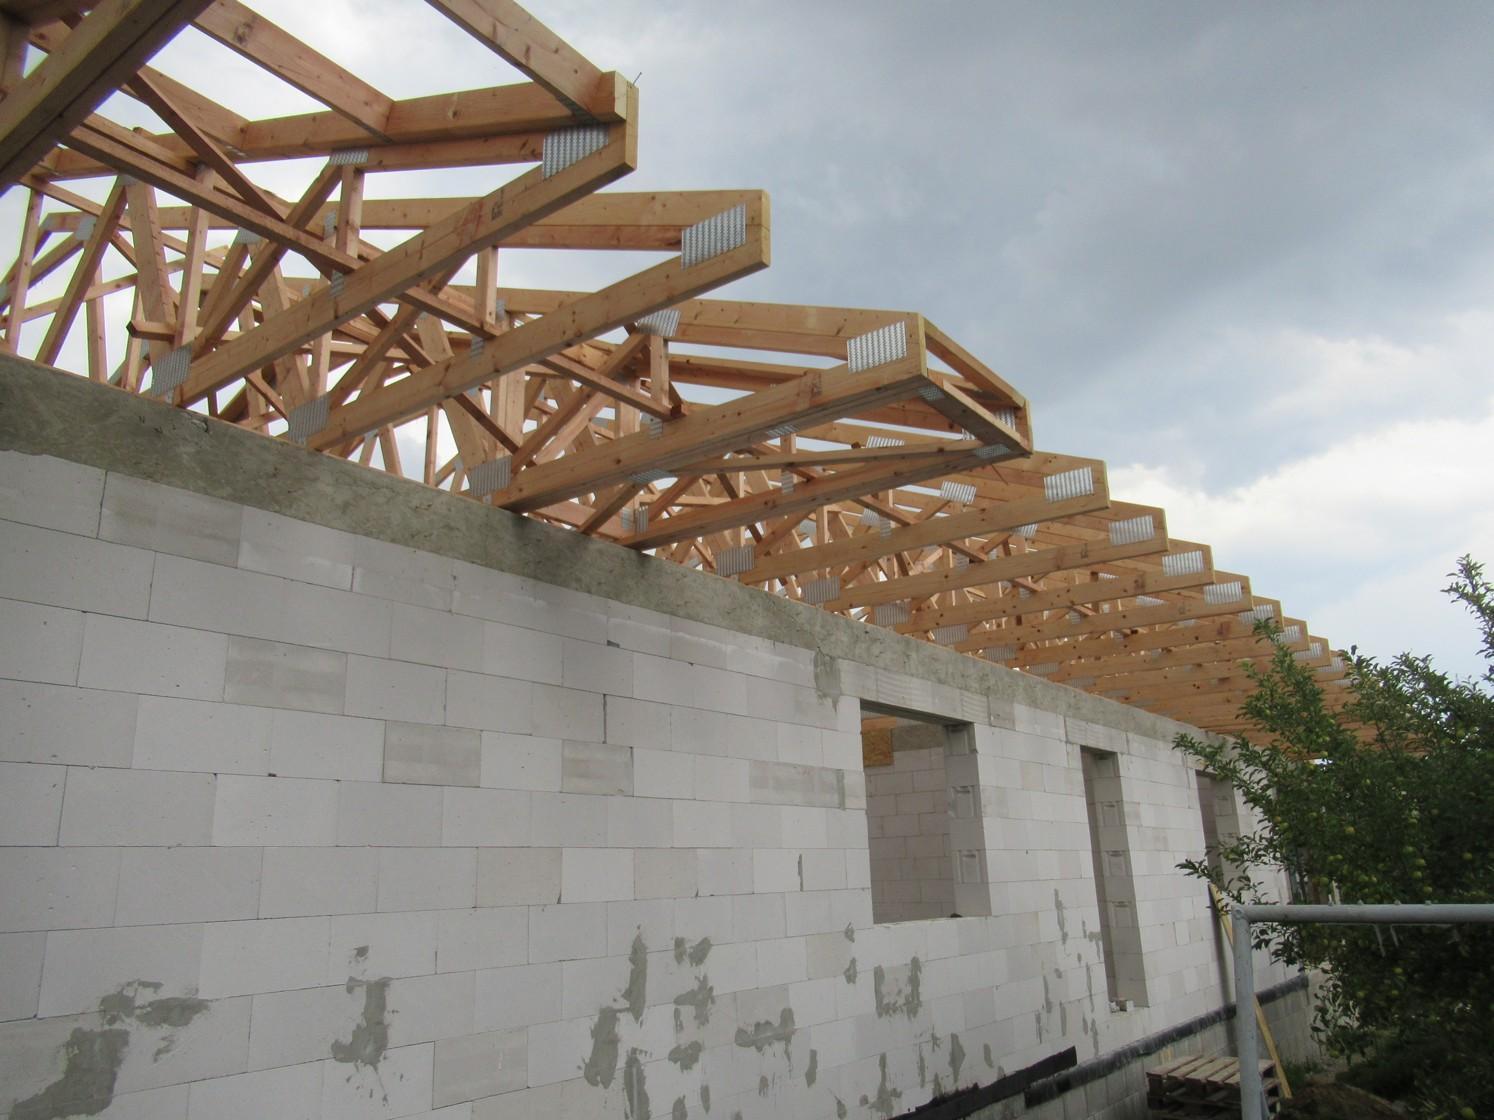 Väzníková strecha na kľúč s krytinou Terran Danubia EVO Carbon Párovské Háje okr. Nitra - Obrázok č. 10